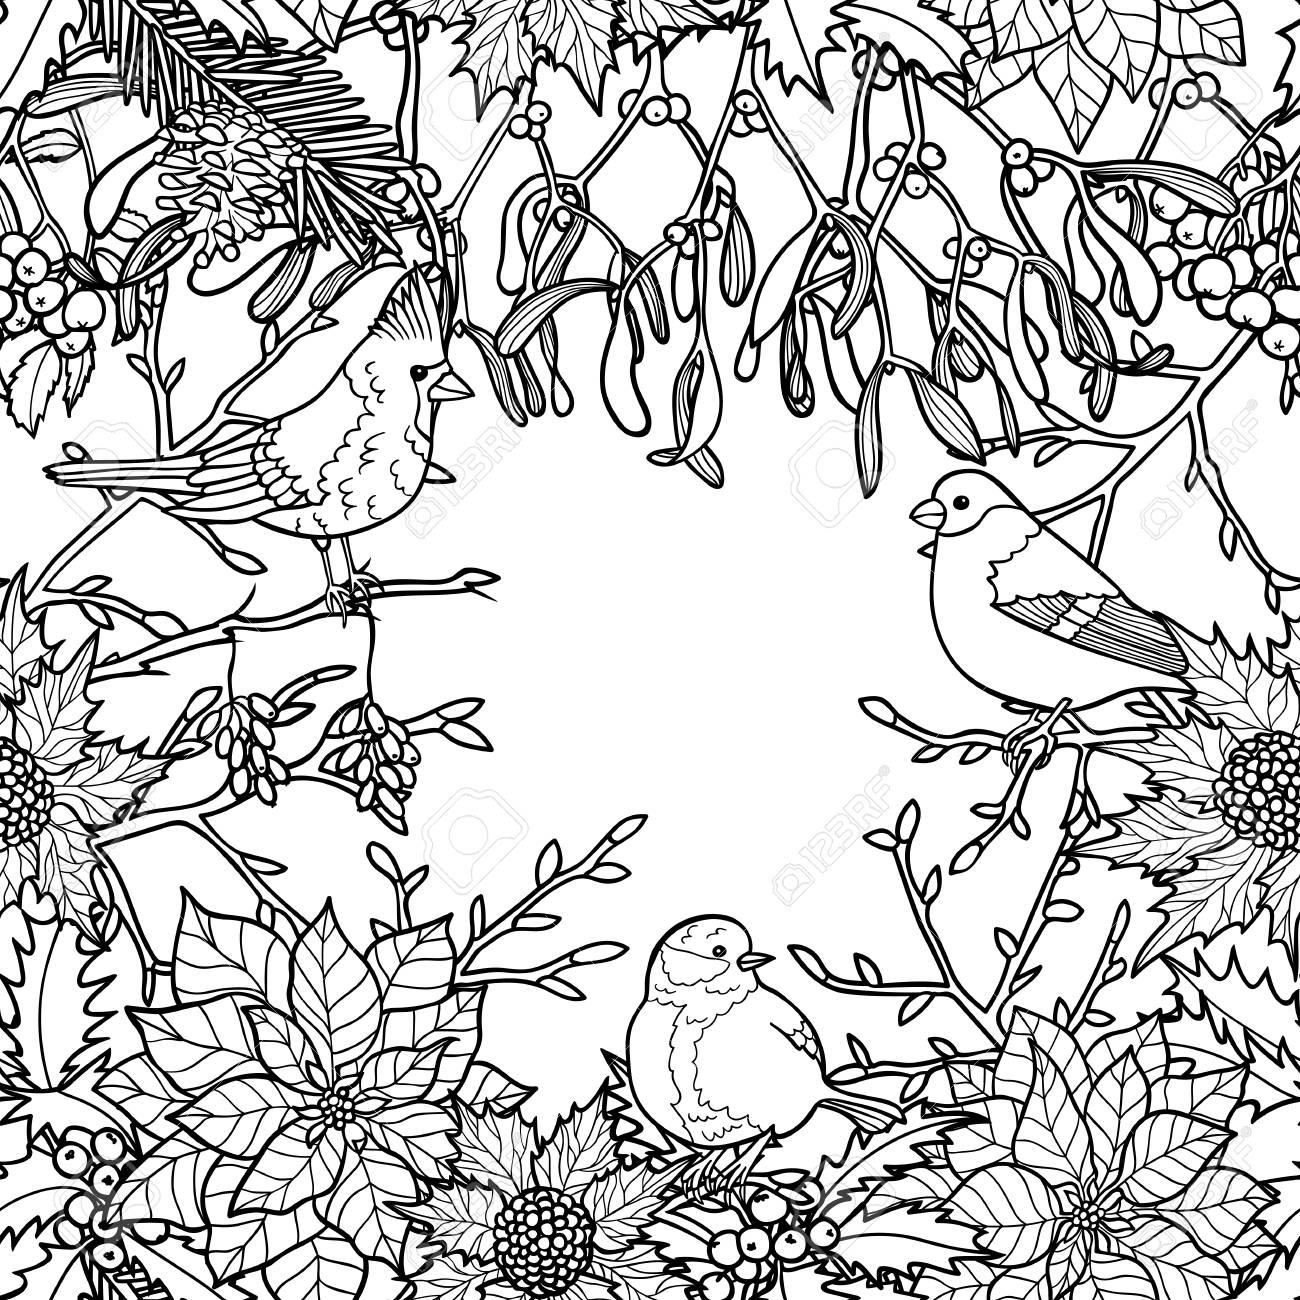 Plantes Dhiver Avec Des Oiseaux Modèle Sans Couture Nature Noir Et Blanc Fond Décran Pour Cartes De Voeux Maquettes Coloriage Et Couvertures Avec